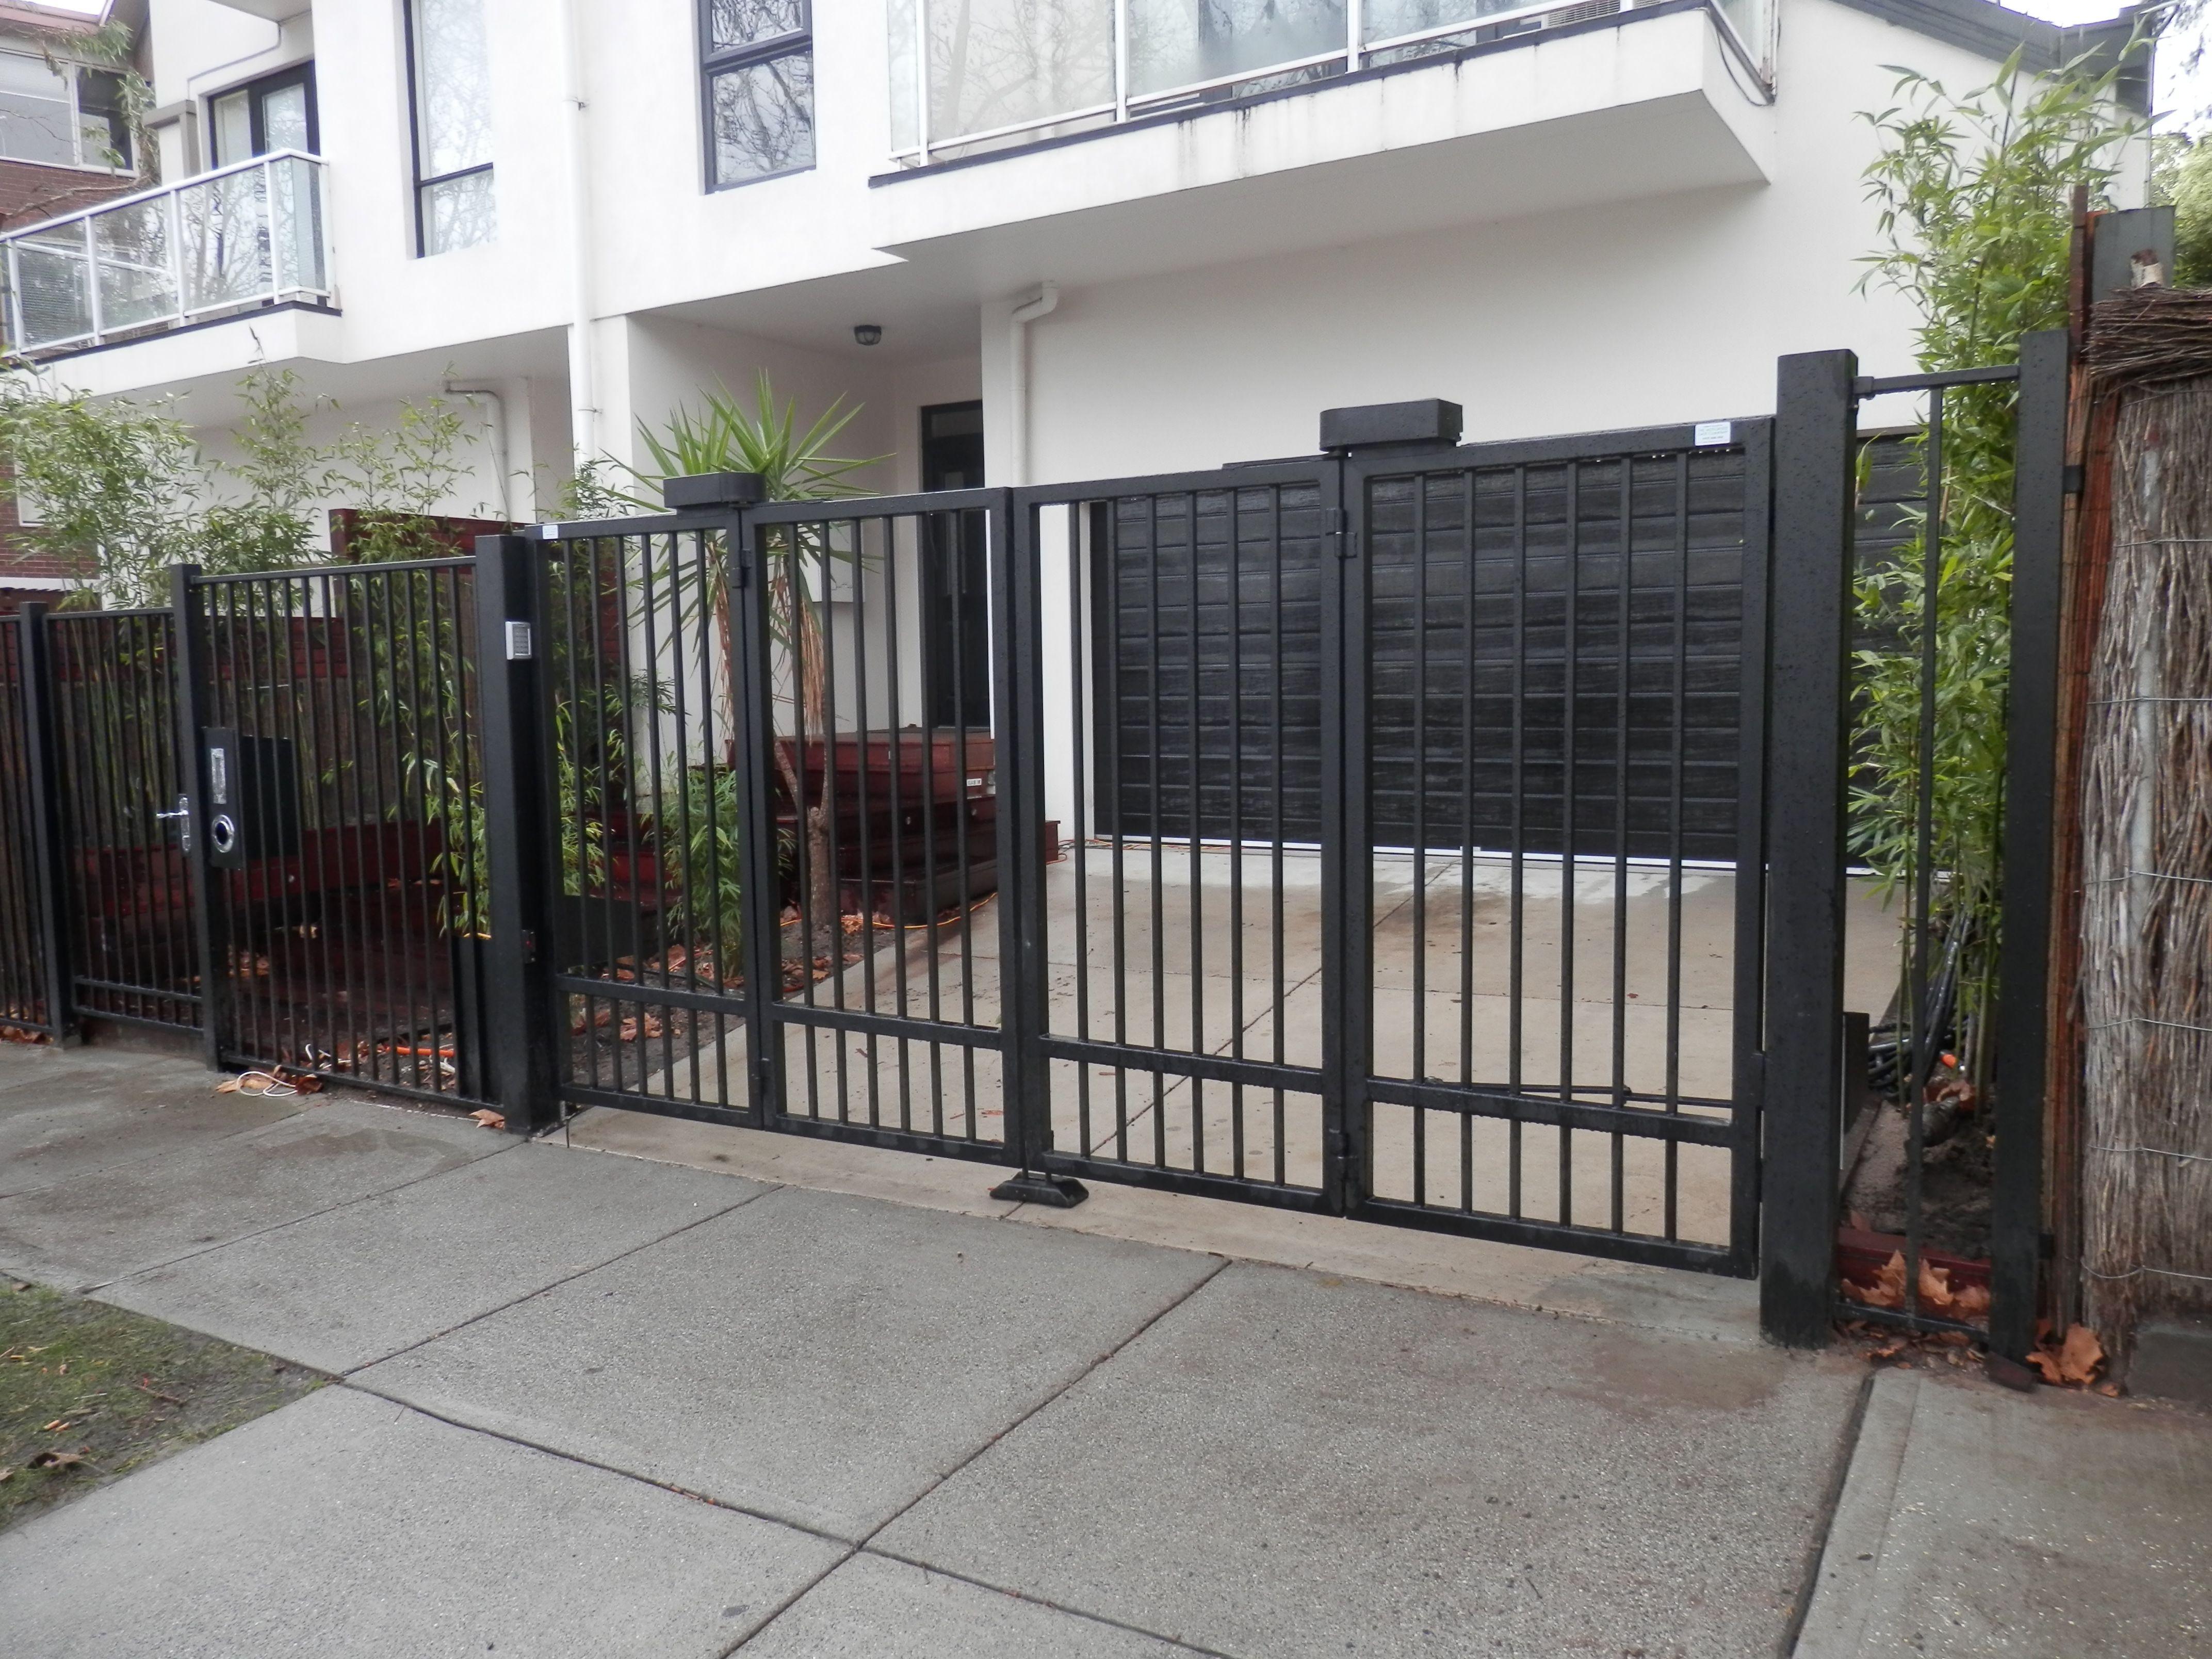 ปักพินโดย Garage Doors Amp Gates 4 Less ใน Iron Fences